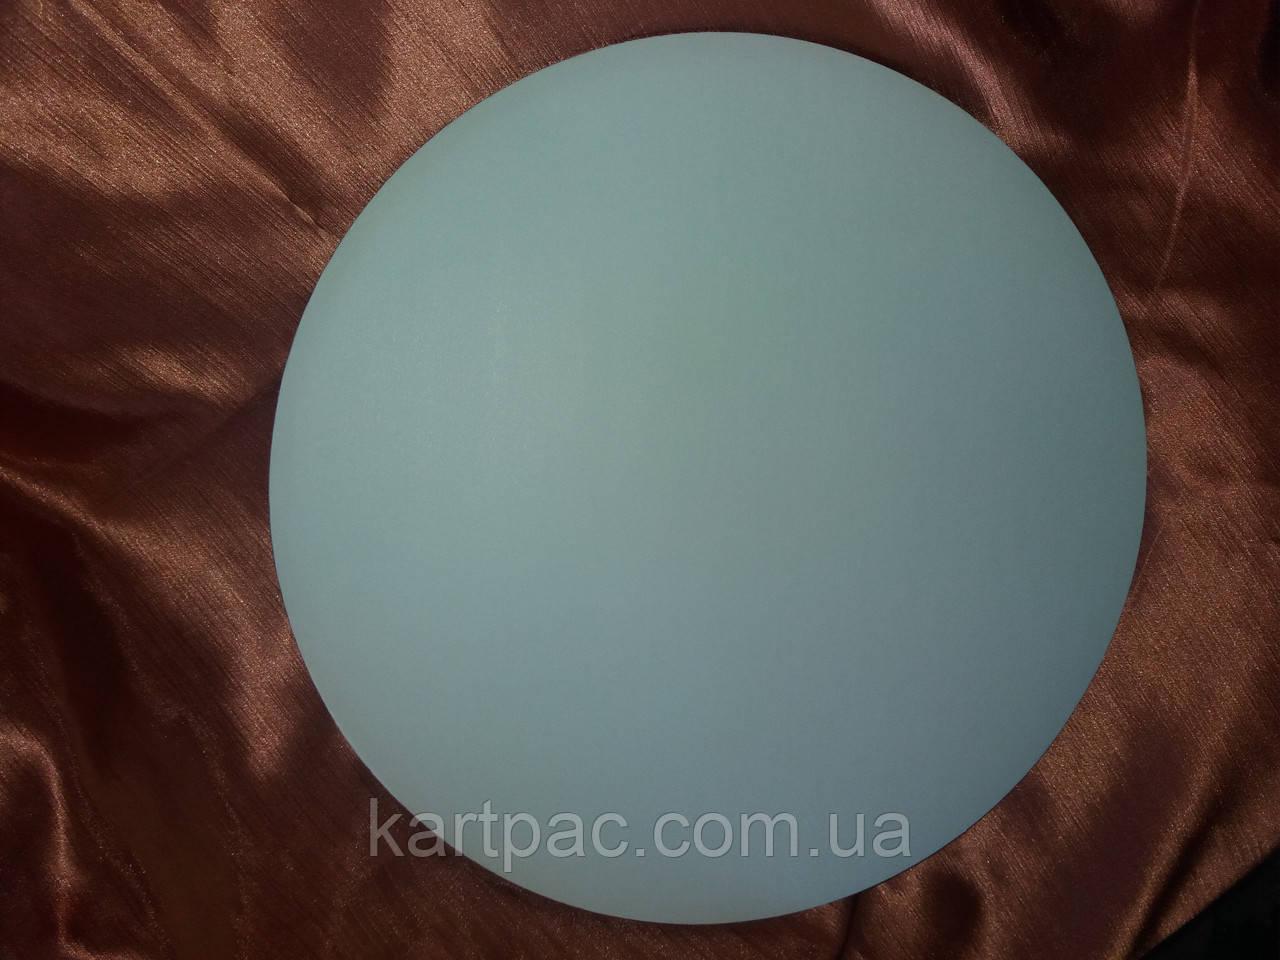 Підкладка ущільнена для торта діаметр 400 мм